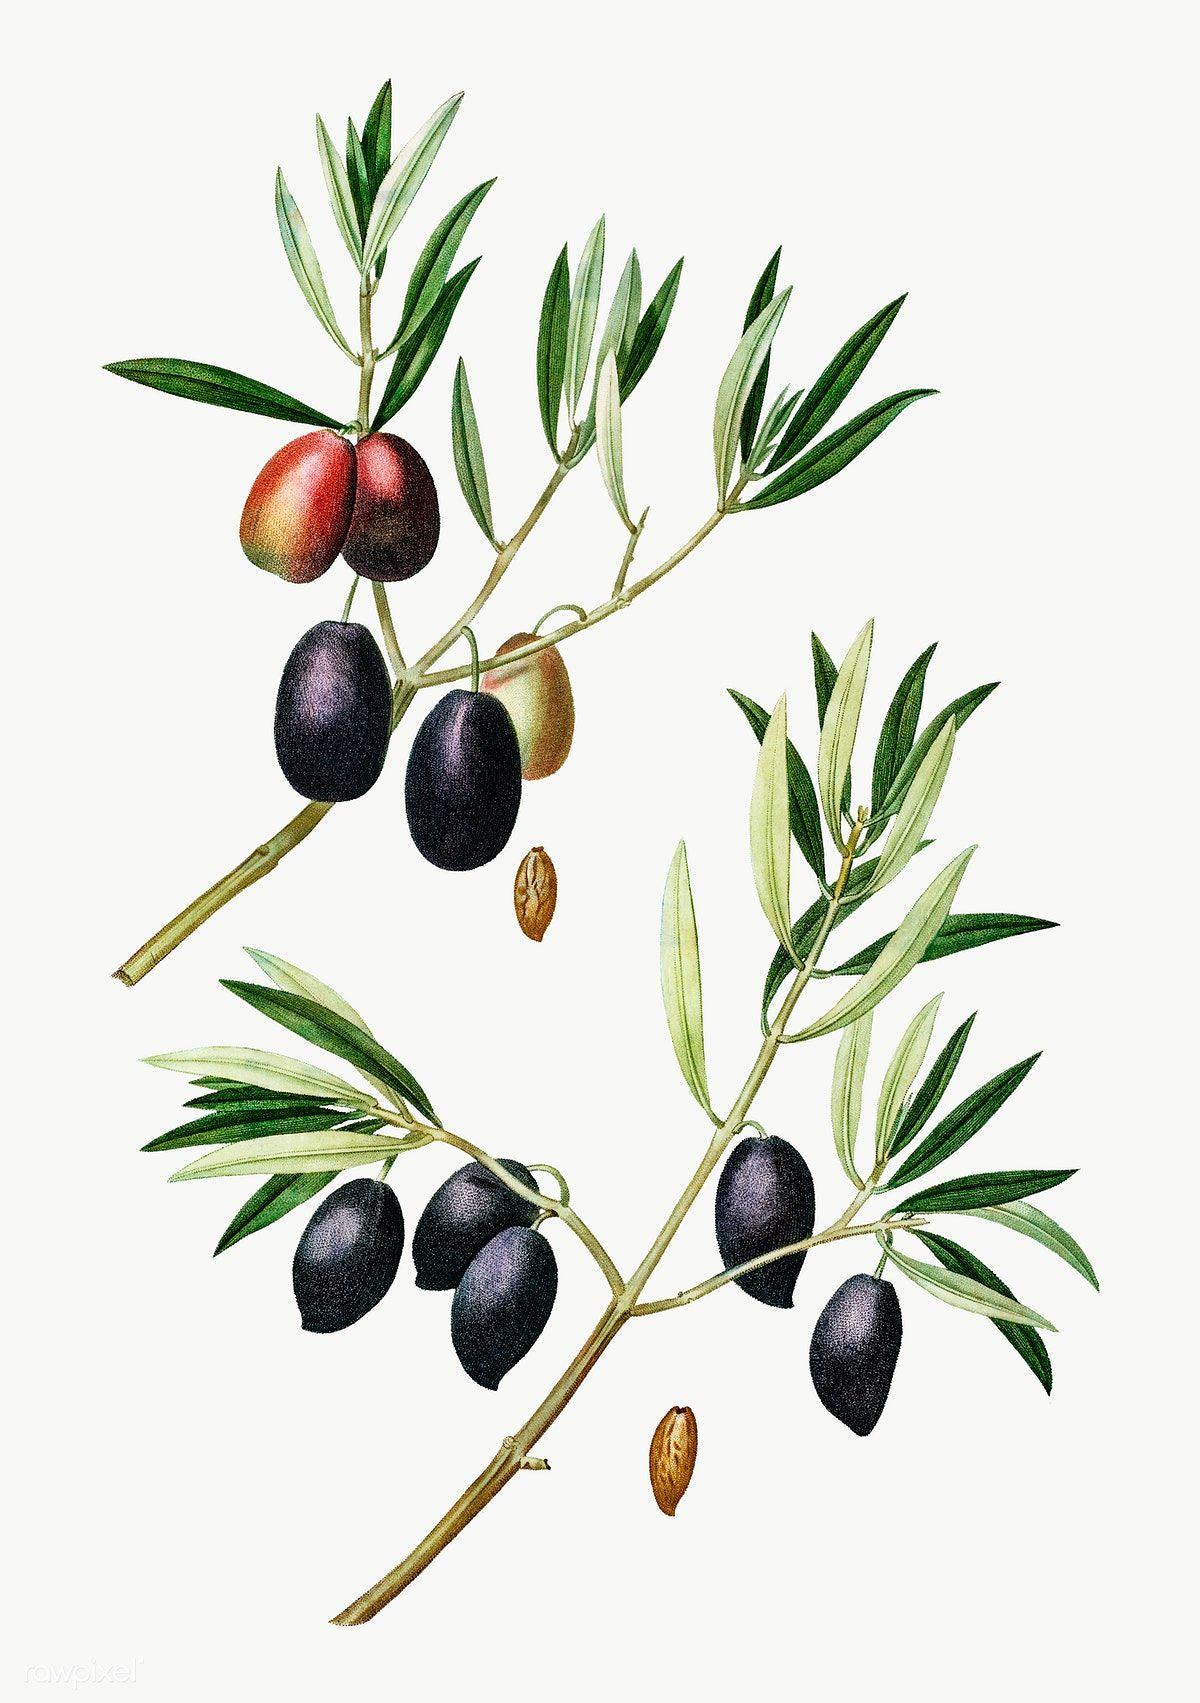 Olive Tree Branch Transparent Png Free Image By Rawpixel Com Botanical Illustration Vintage Vintage Botanical Olive Branch